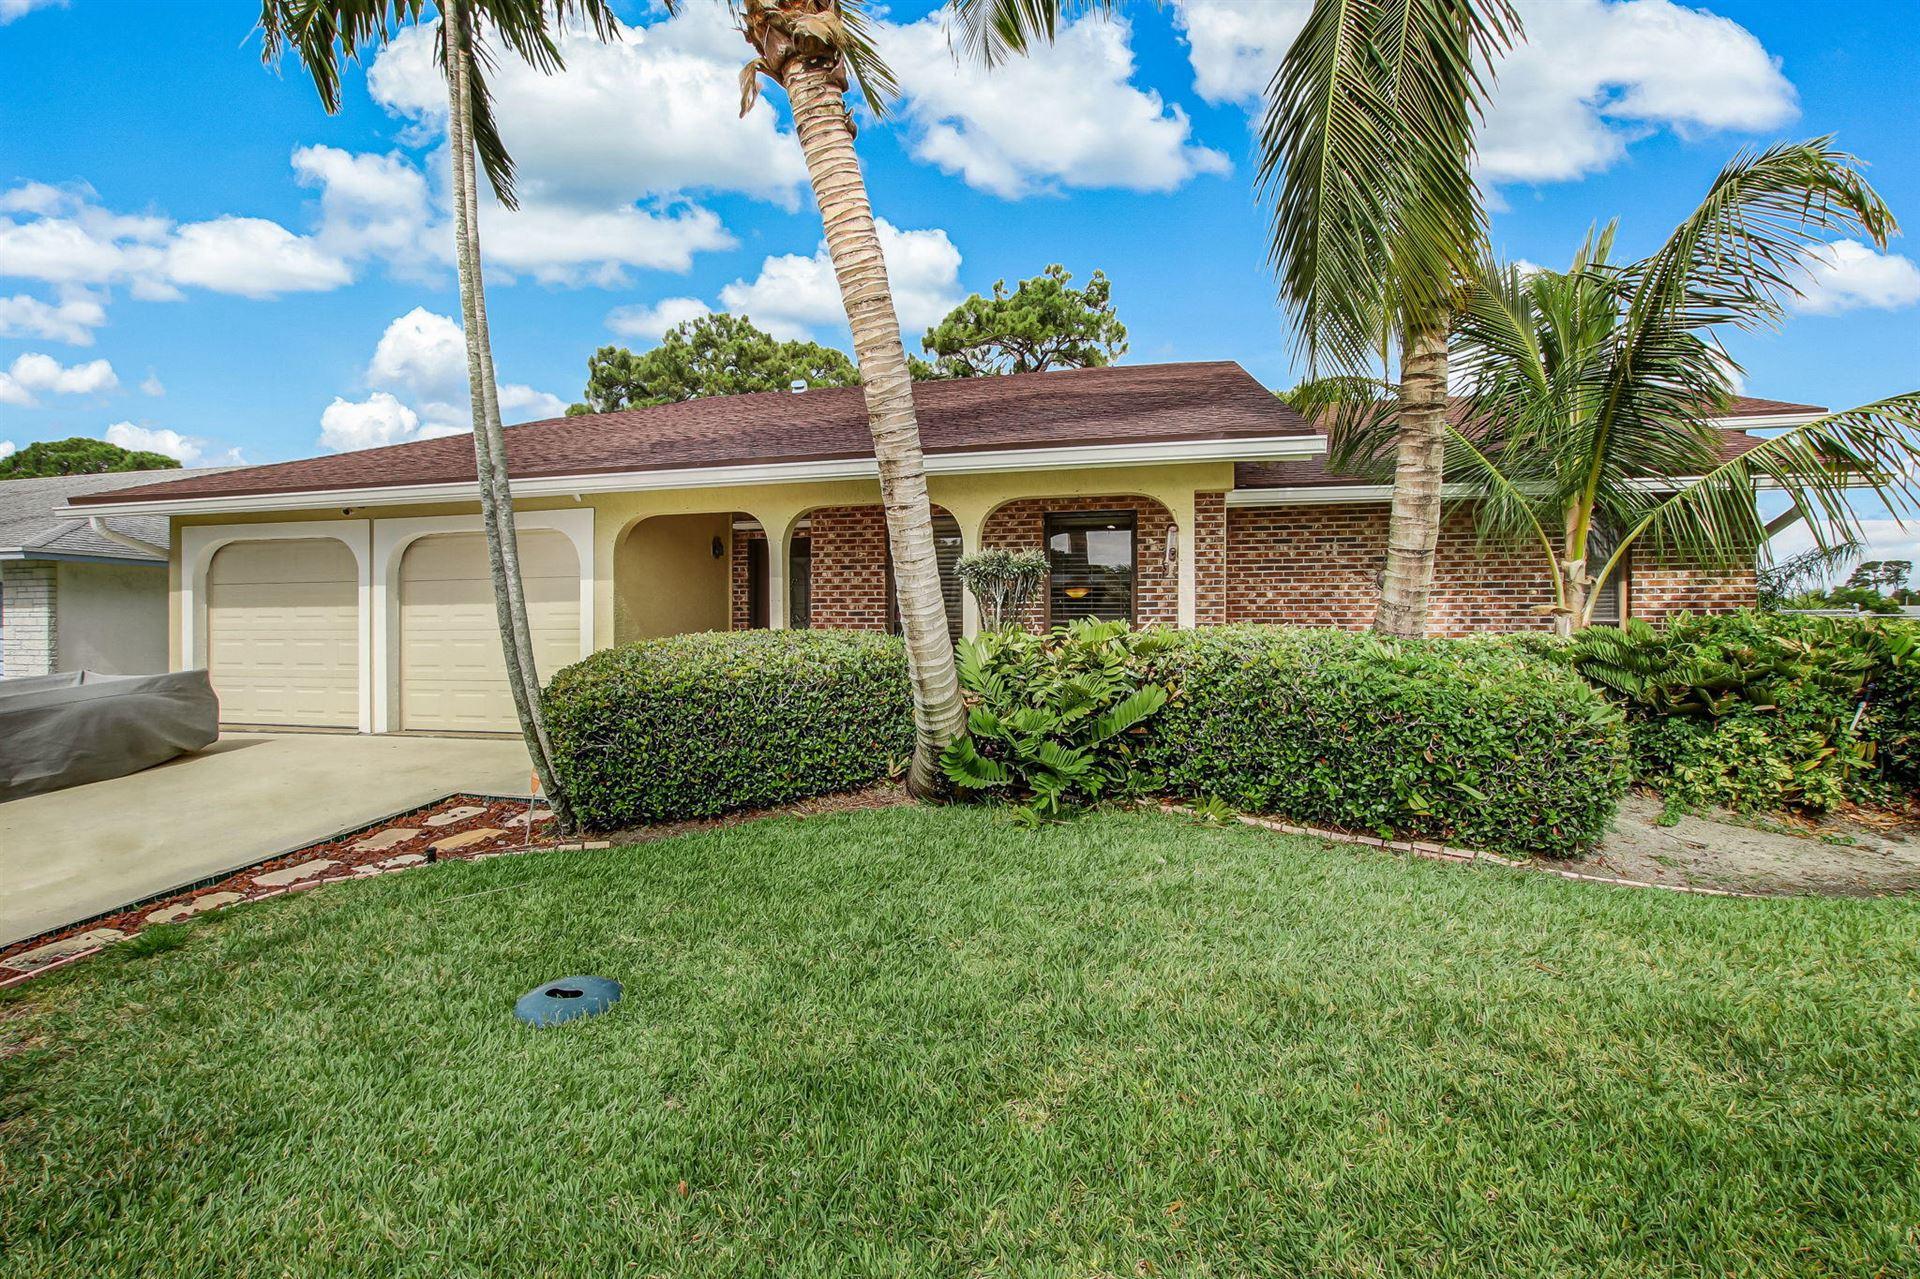 115 Timber Run W, Riviera Beach, FL 33407 - MLS#: RX-10709985